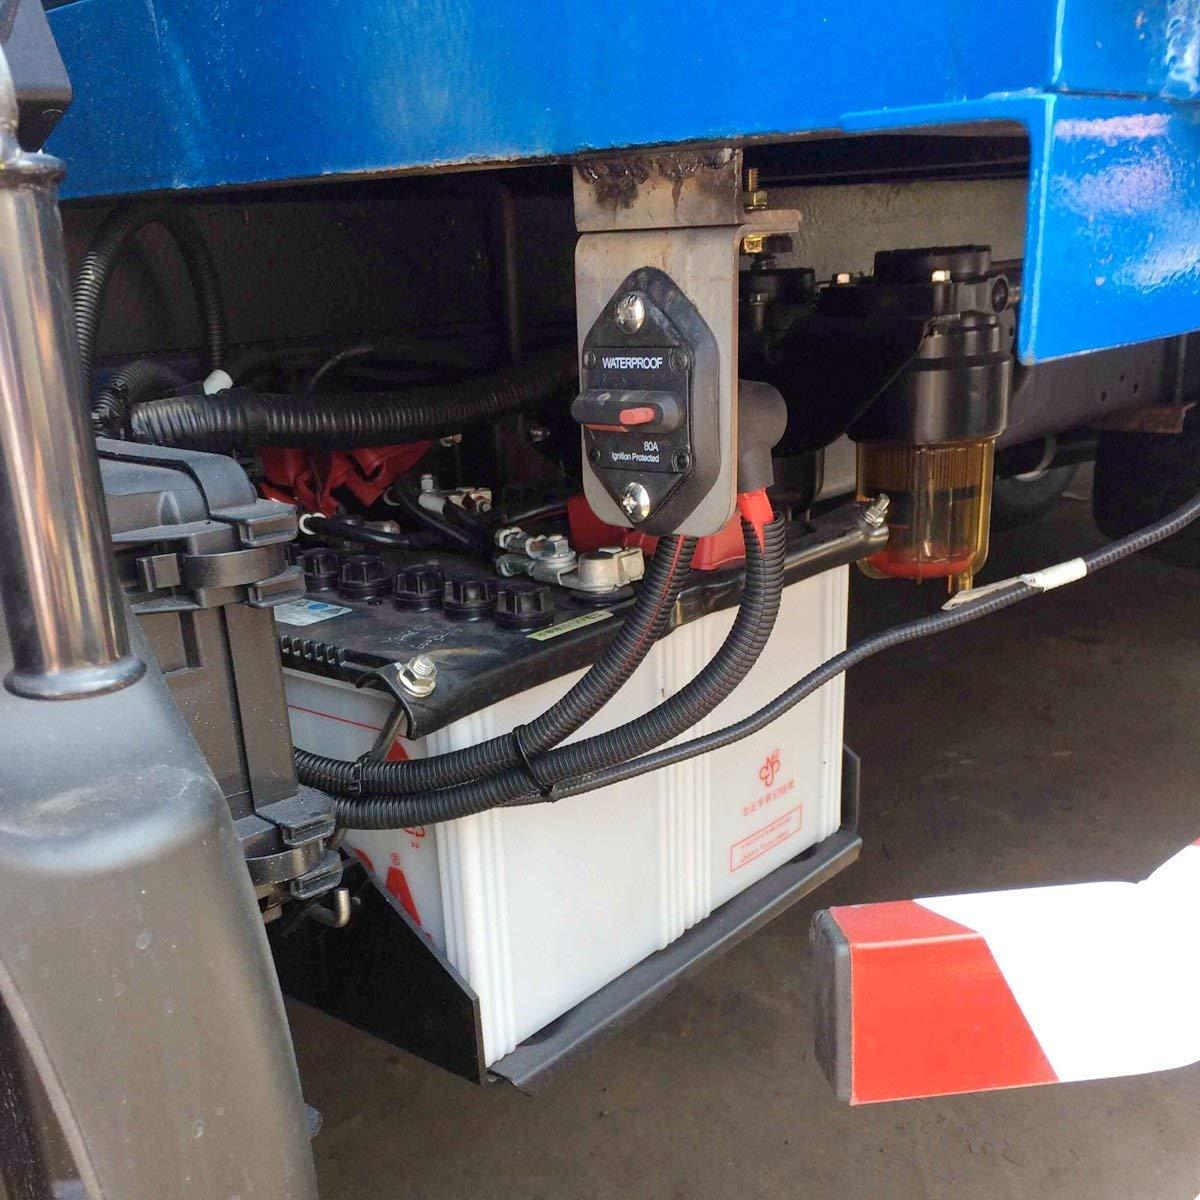 T Tocas camper imbarcazioni Interruttore di linea per inverter di fusibili per motori fuoribordo 12 V CC moto e impianti stereo